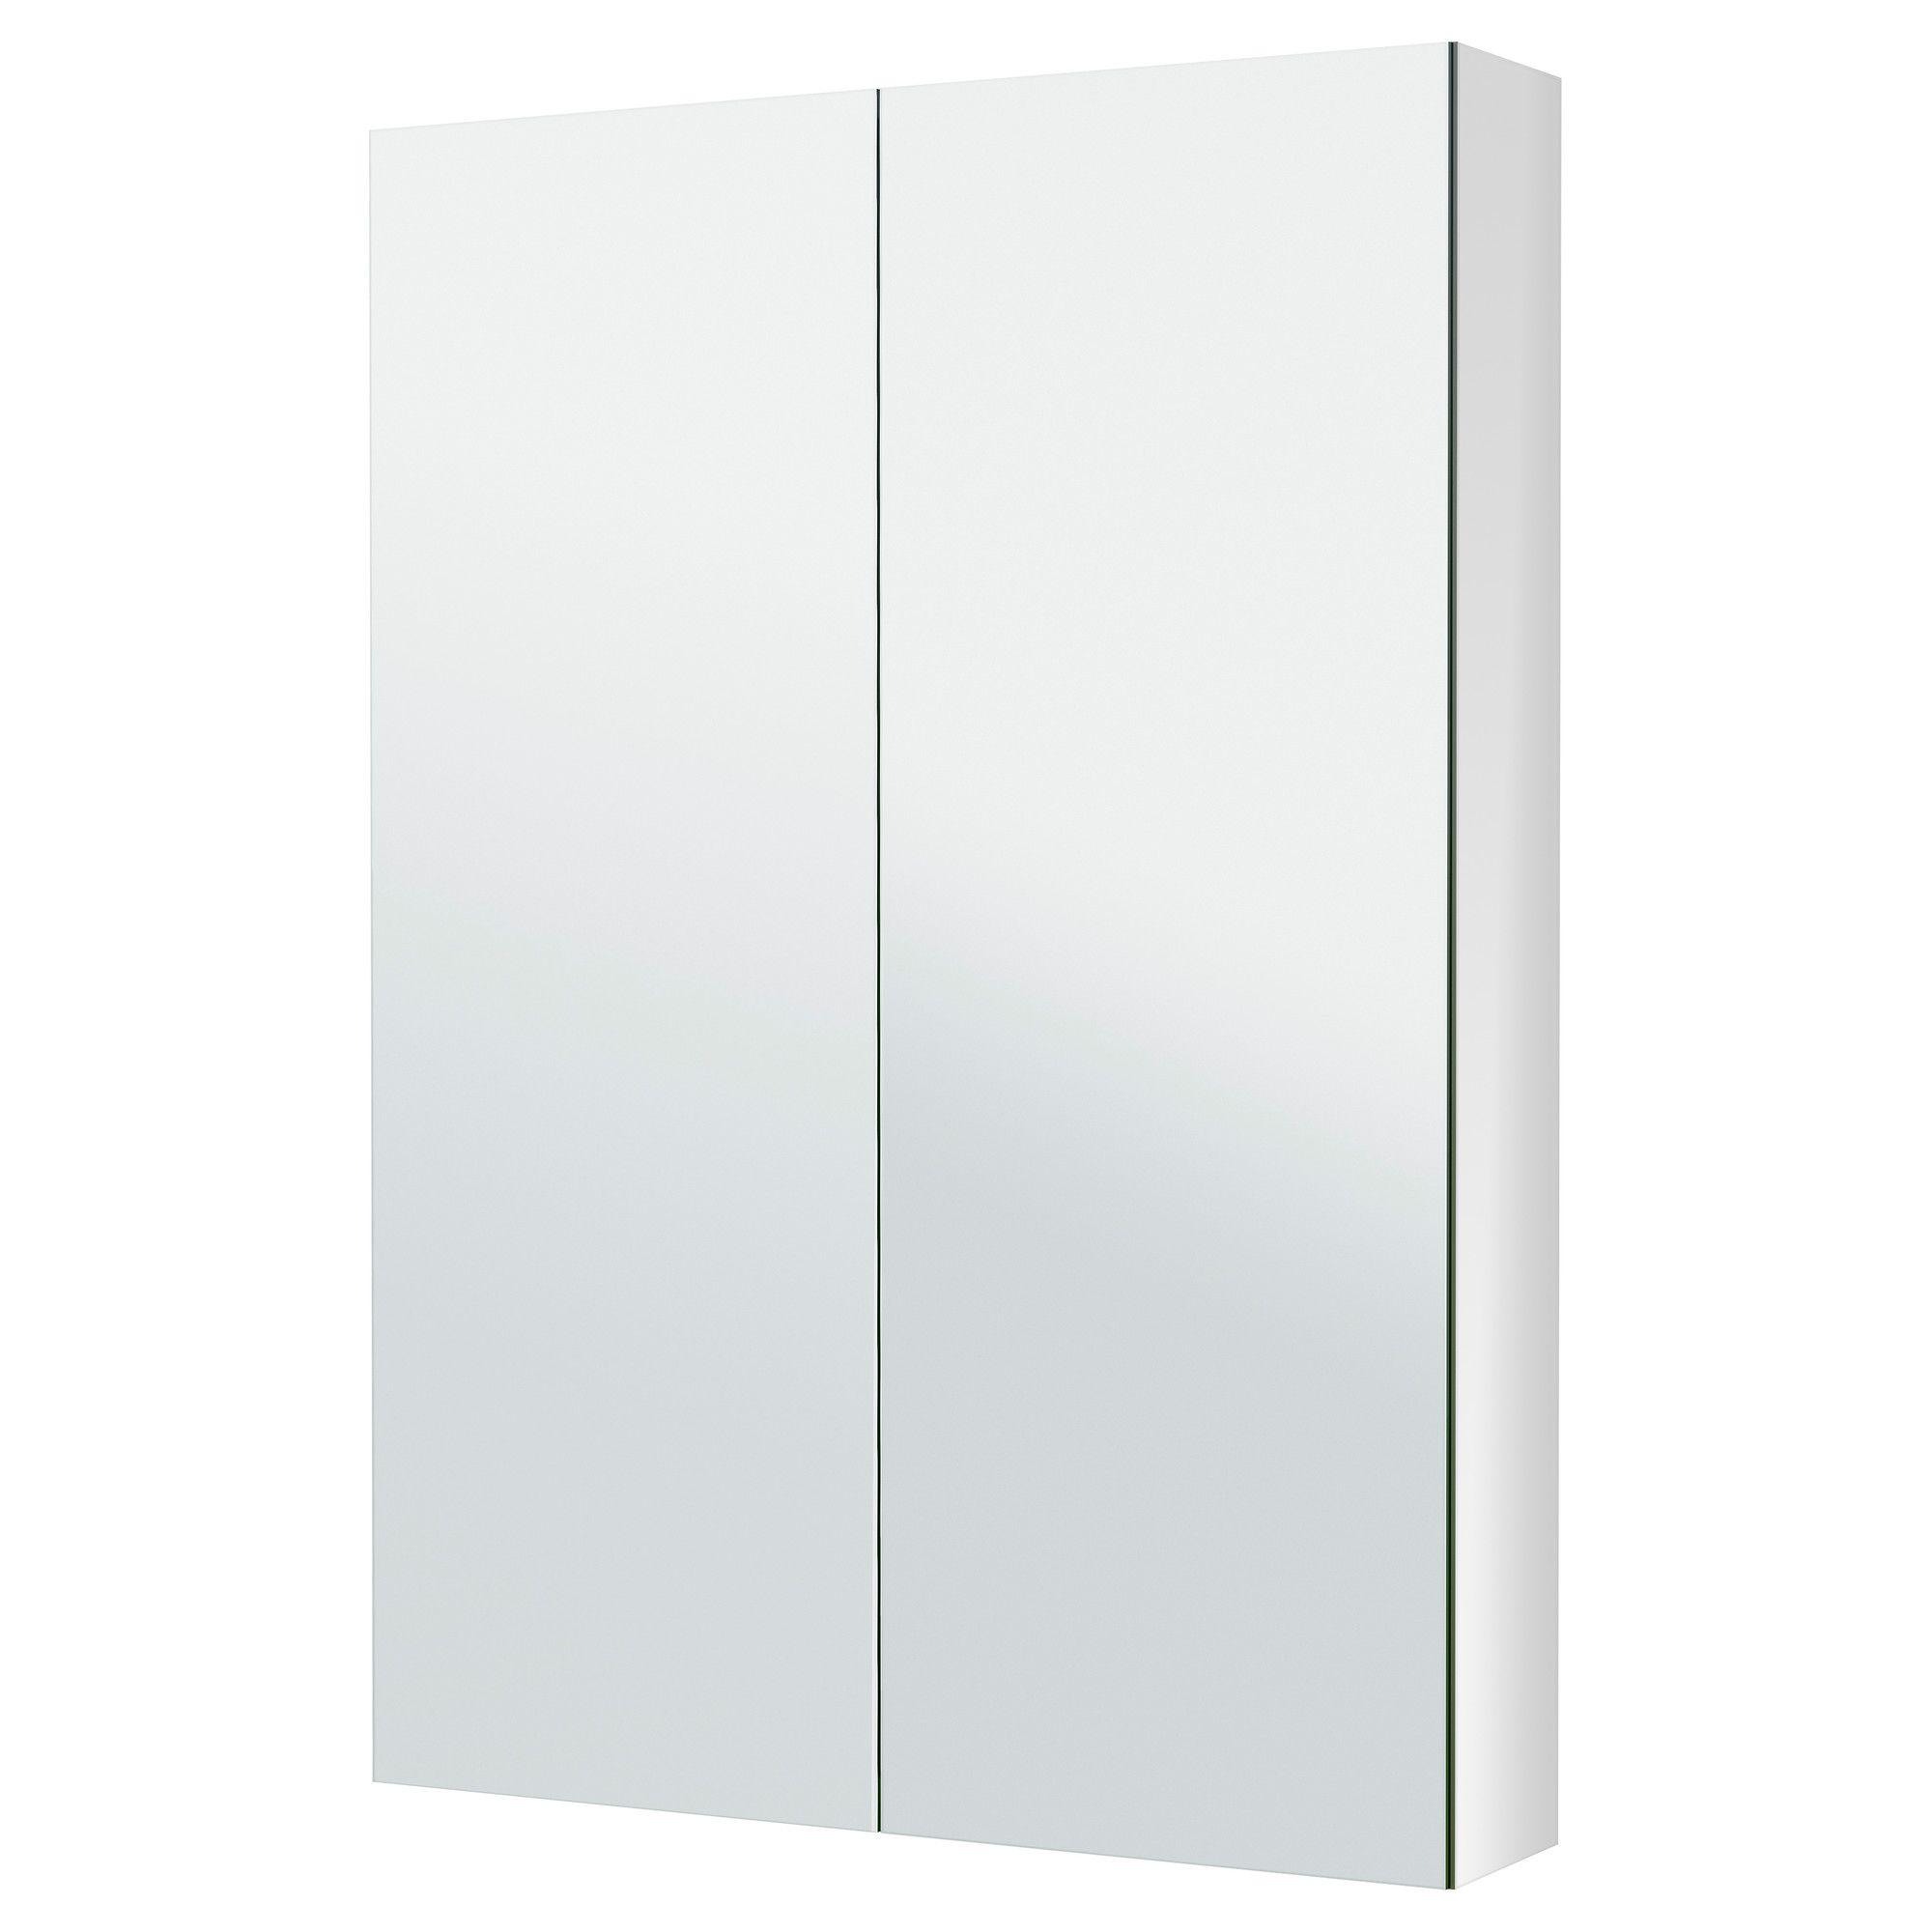 Godmorgon Mirror Cabinet With 2 Doors 23 5 8x5 1 2x37 3 4 Mit Bildern Ikea Godmorgon Spiegelschrank Schrank 30 Cm Tief